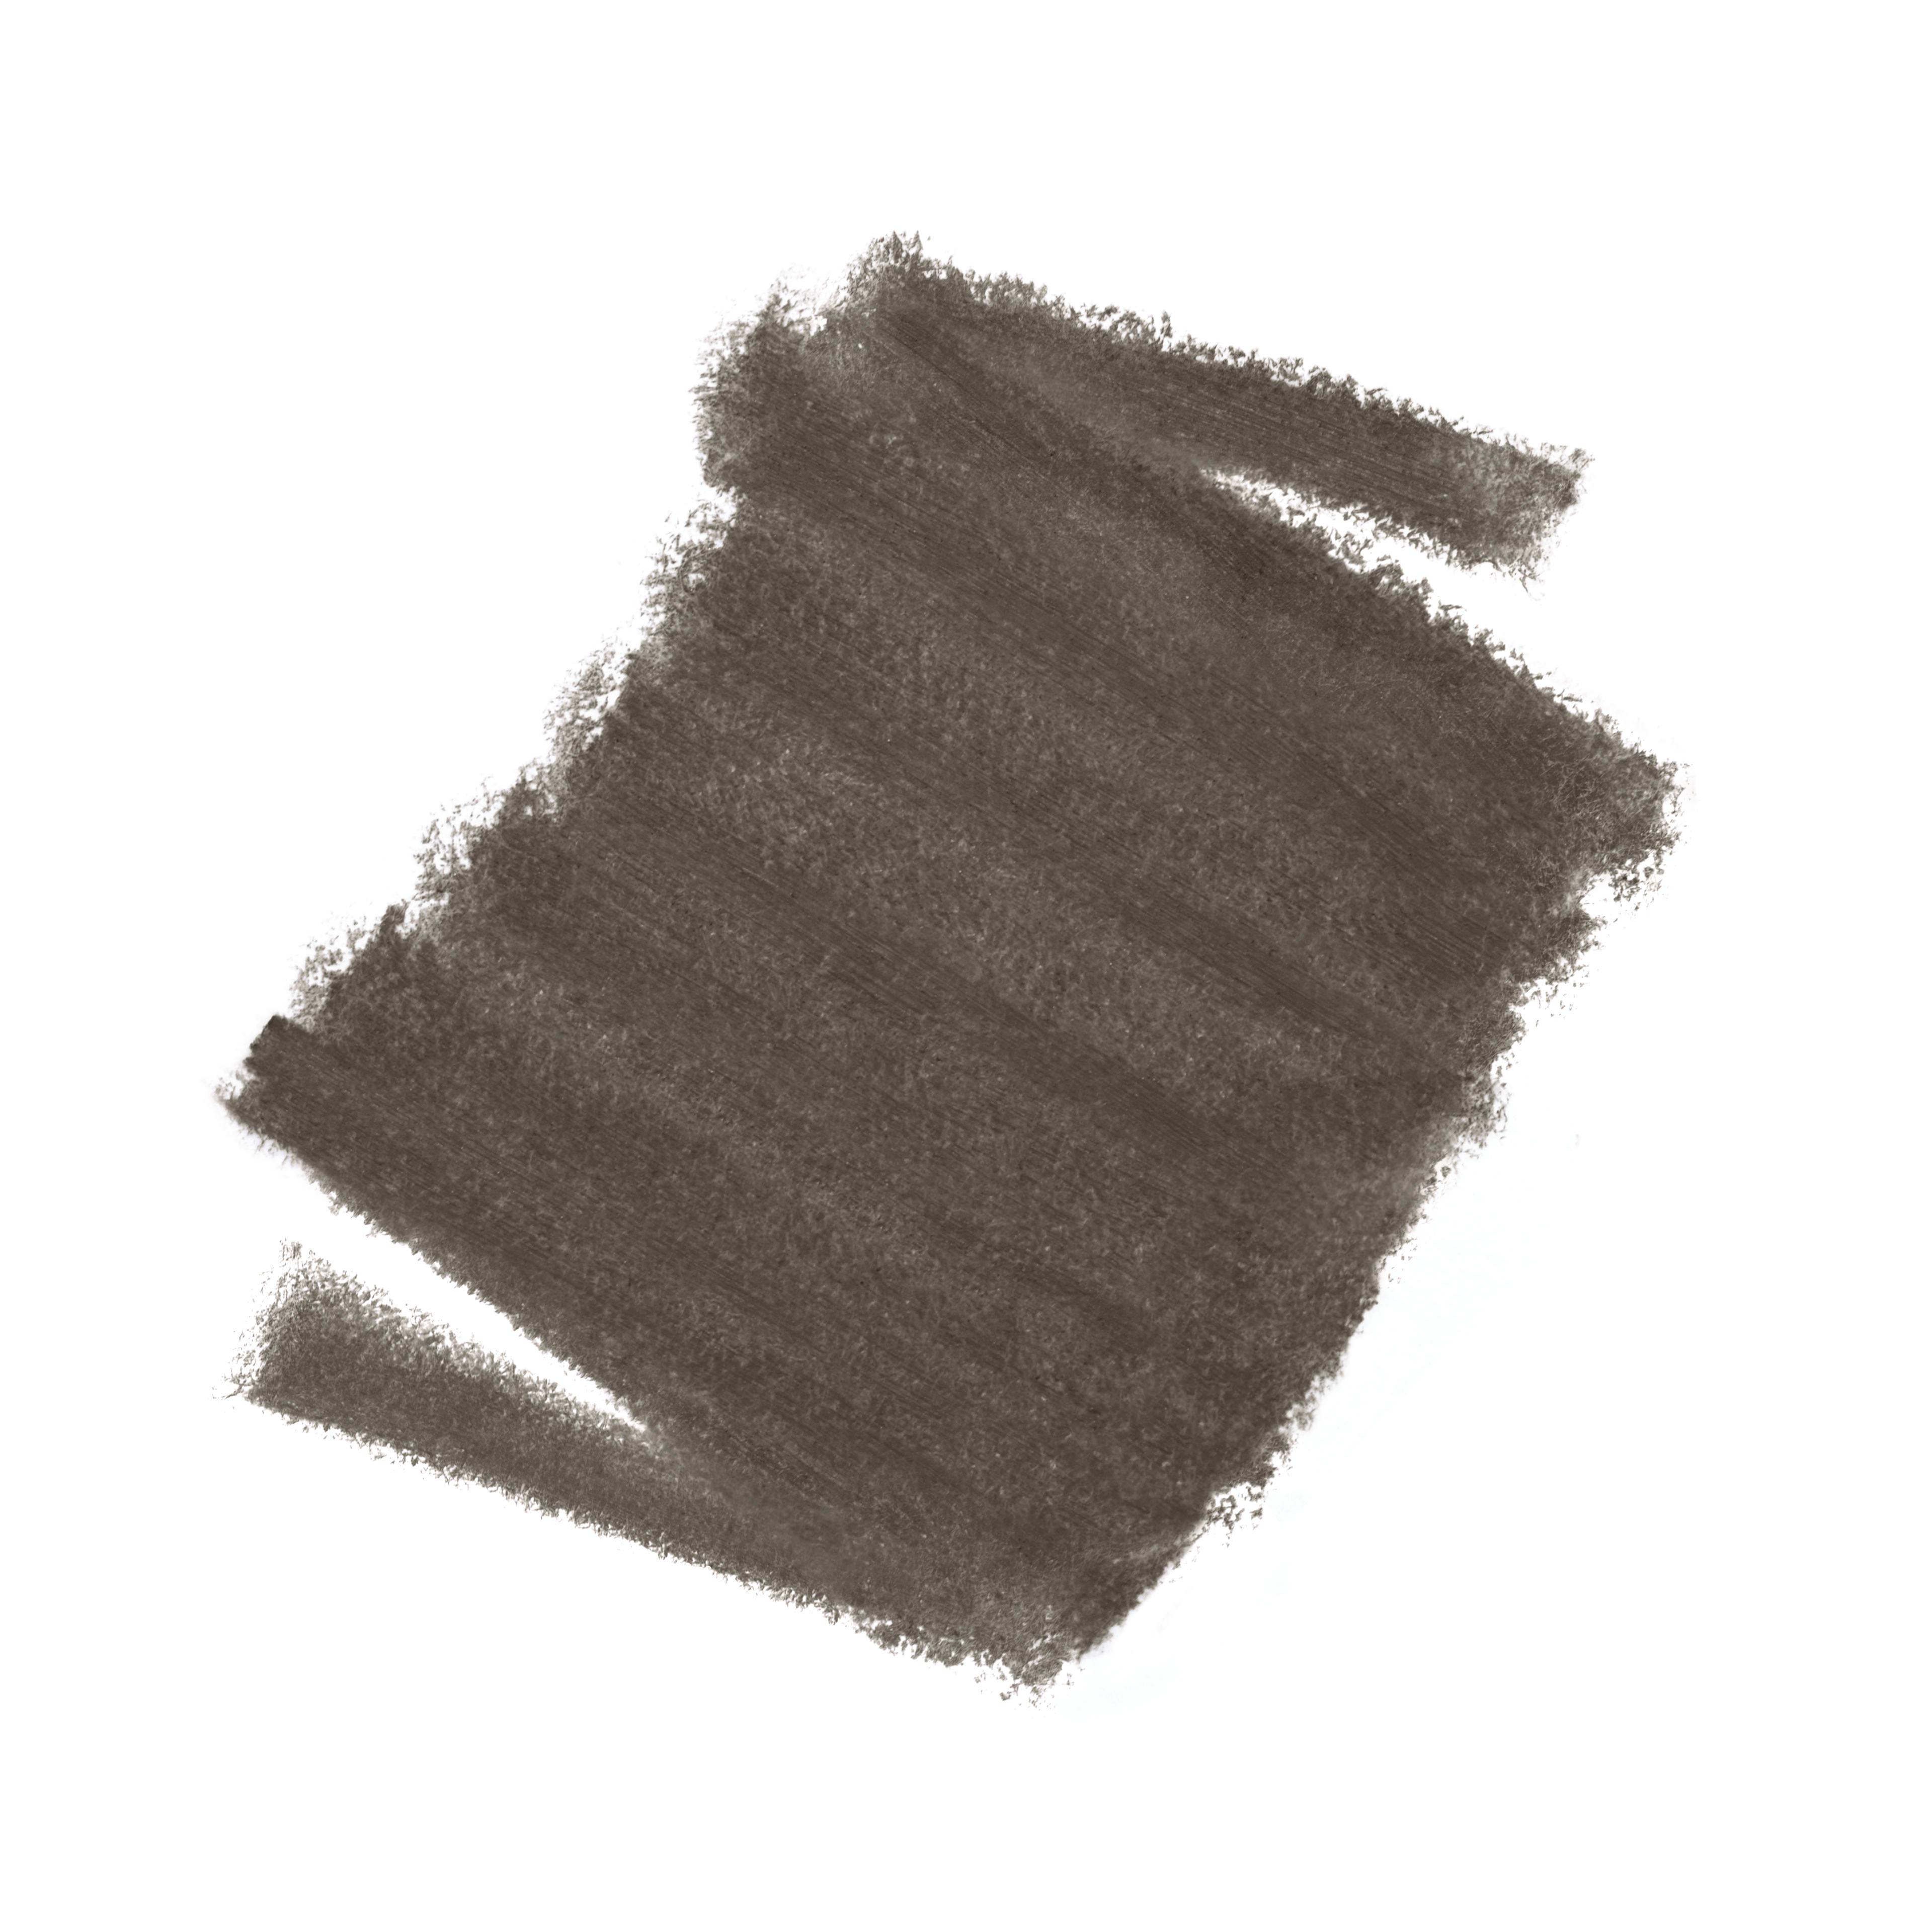 BOY DE CHANEL - makeup - 0.009OZ. - Basic texture view